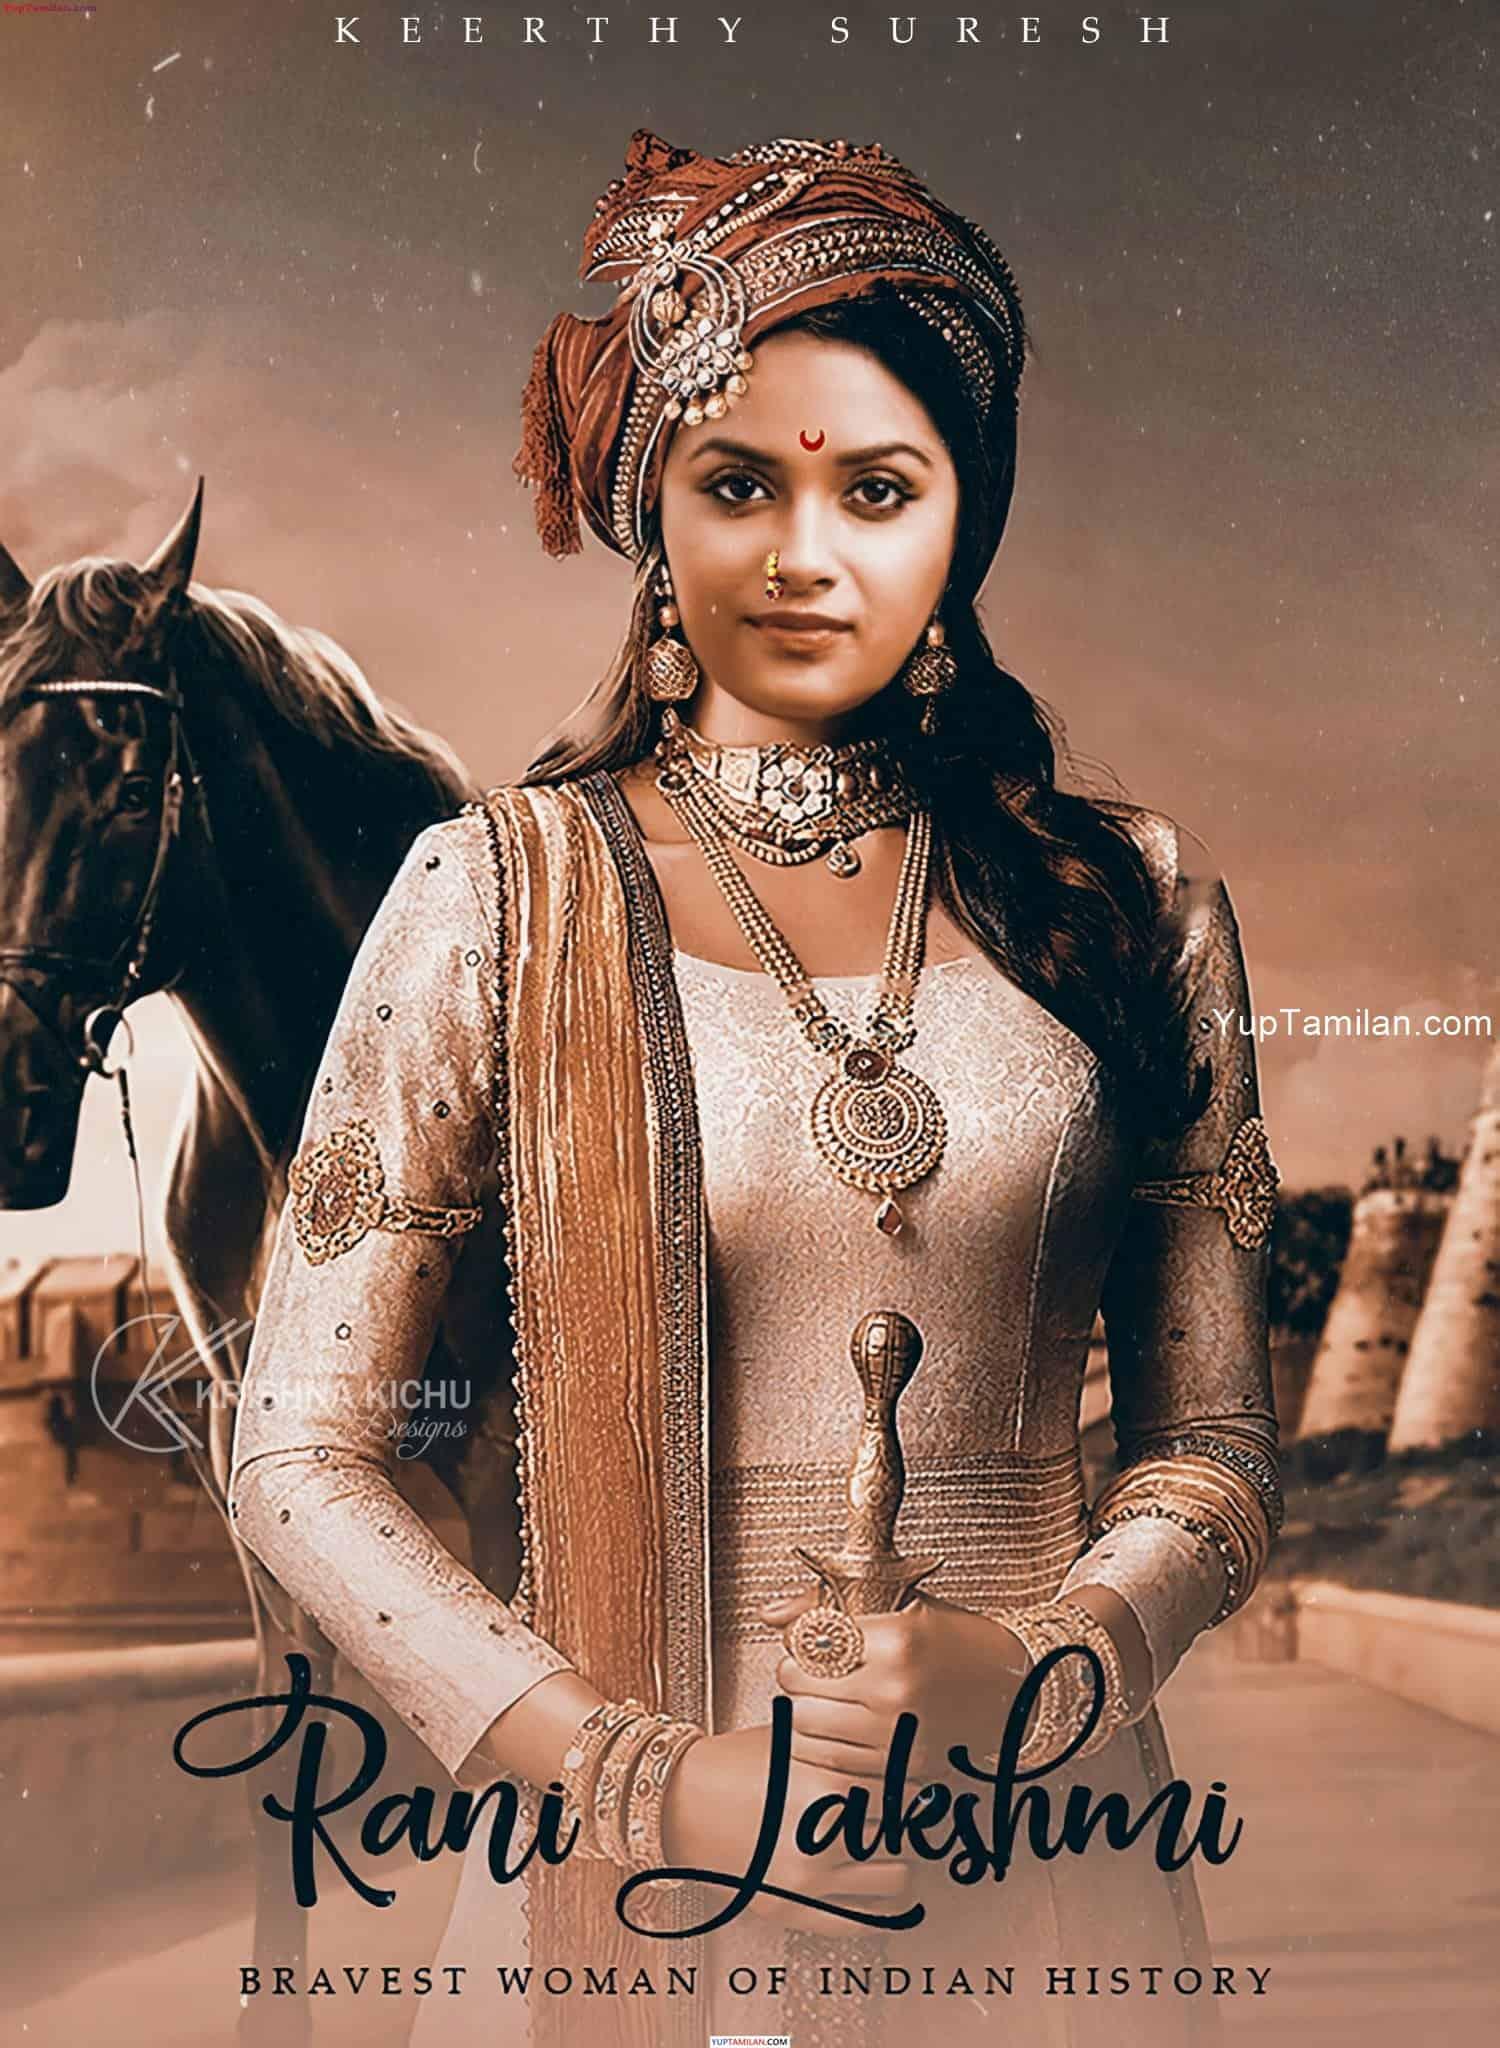 Keerthi Suresh Hot Pics as Rani Laxmi Bai